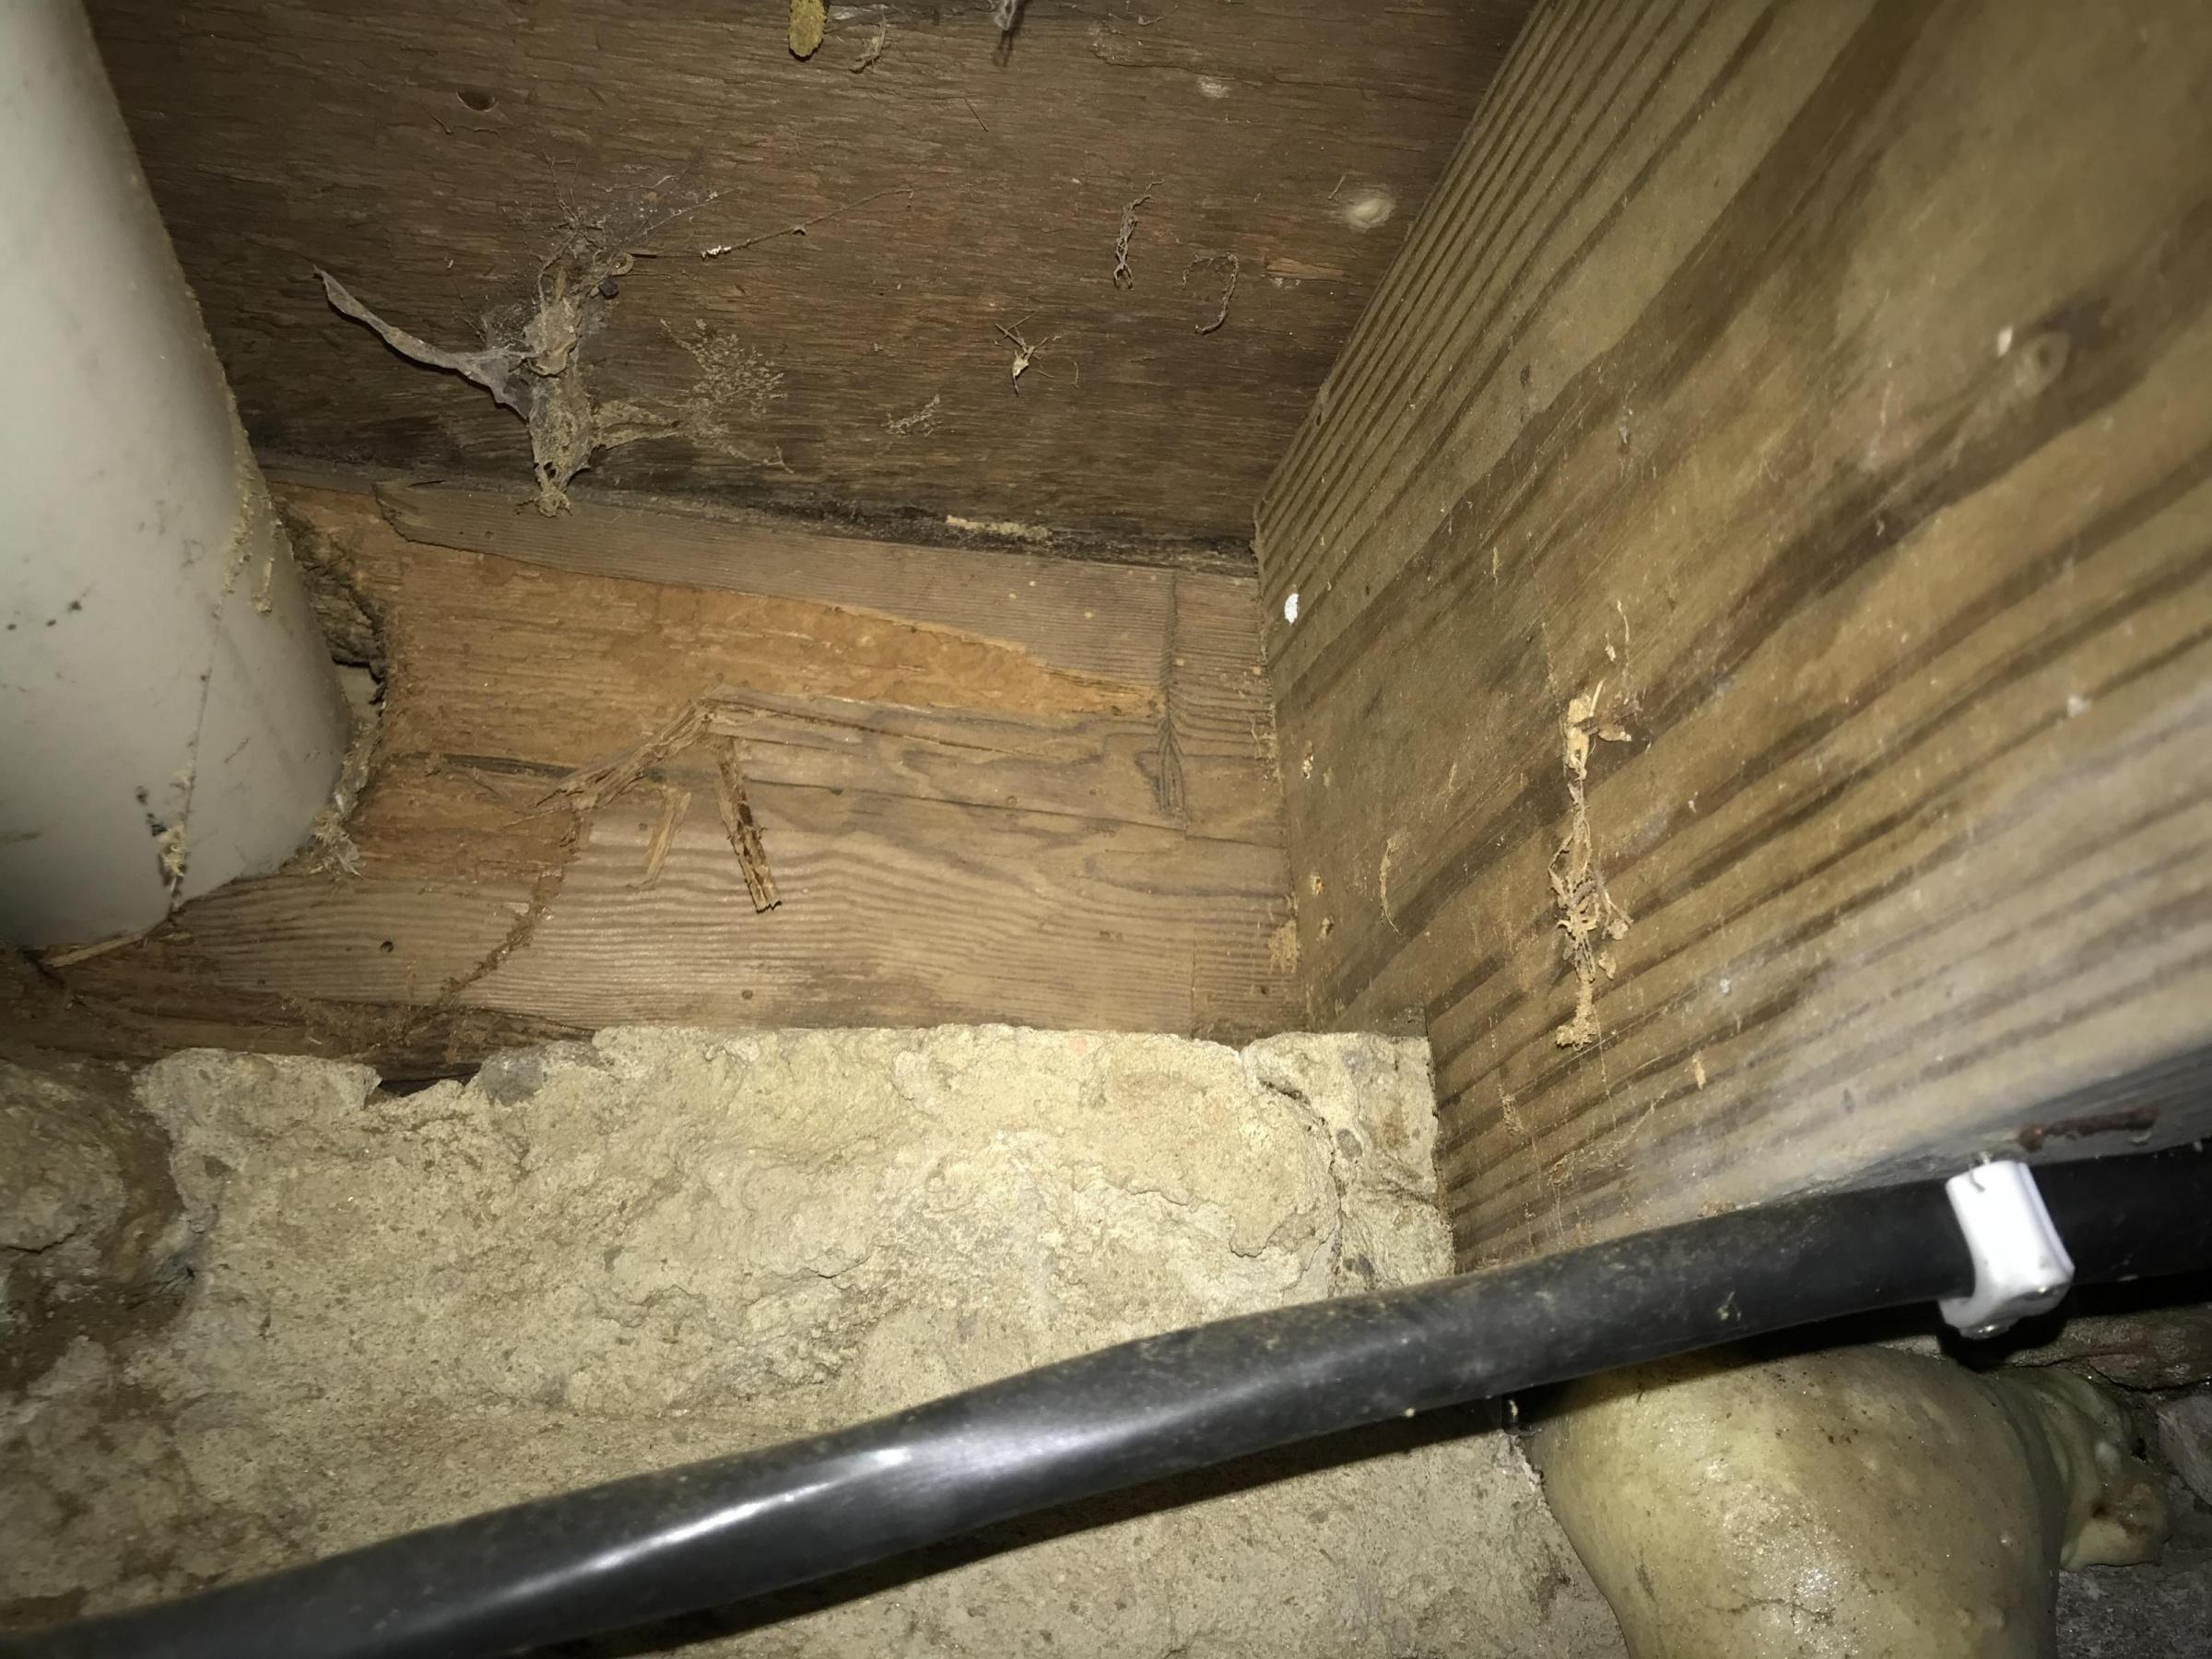 Insulating Floors-4a39e59d-c88f-4734-8b6c-ac8ec9962e81_1548294794018.jpg